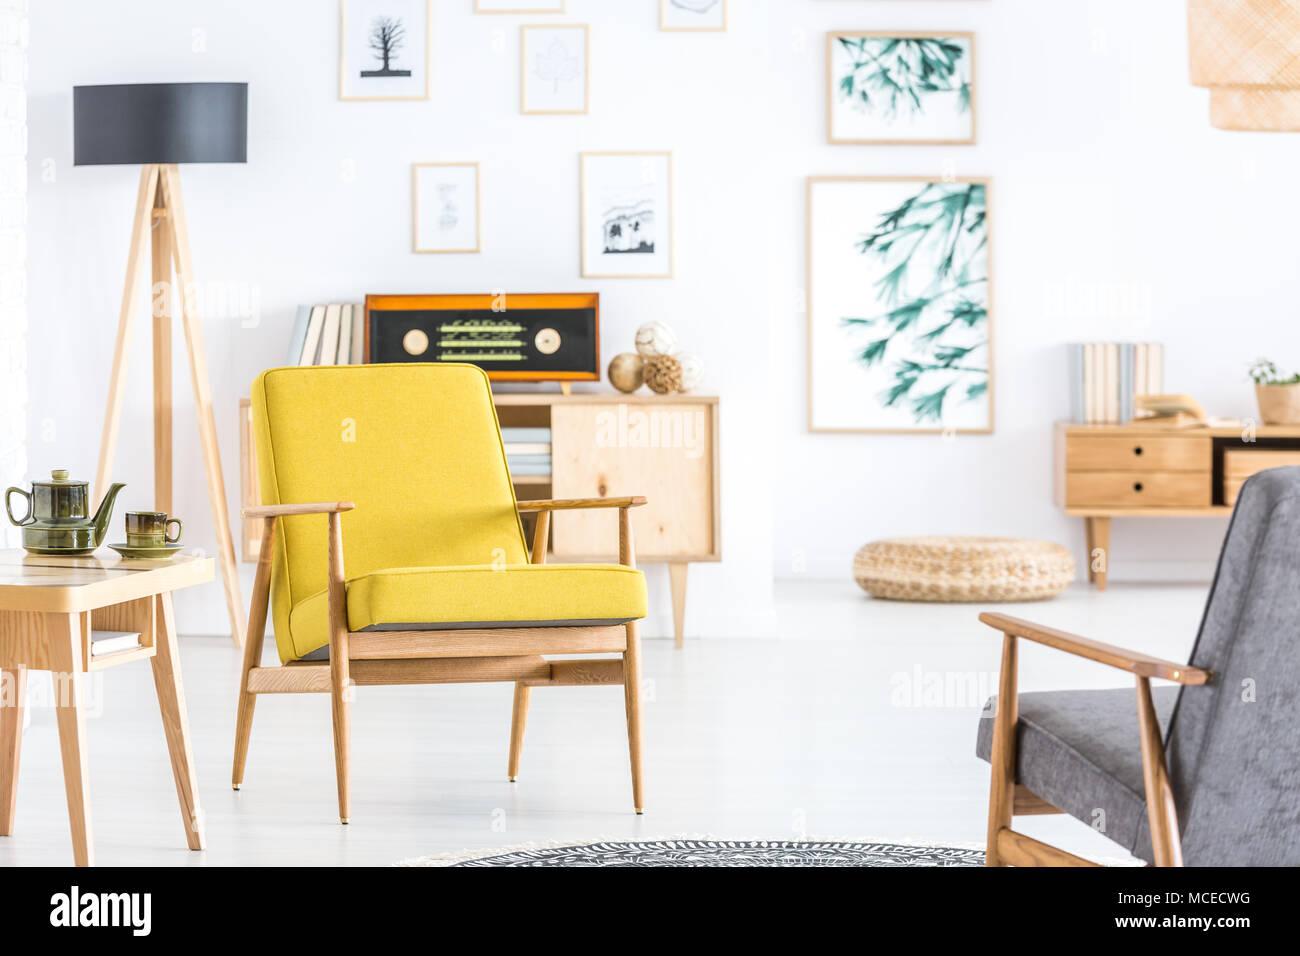 Gelbe Sessel Neben Holztisch Mit Wasserkocher In Retro Wohnzimmer Mit Radio Auf Schrank Stockfotografie Alamy